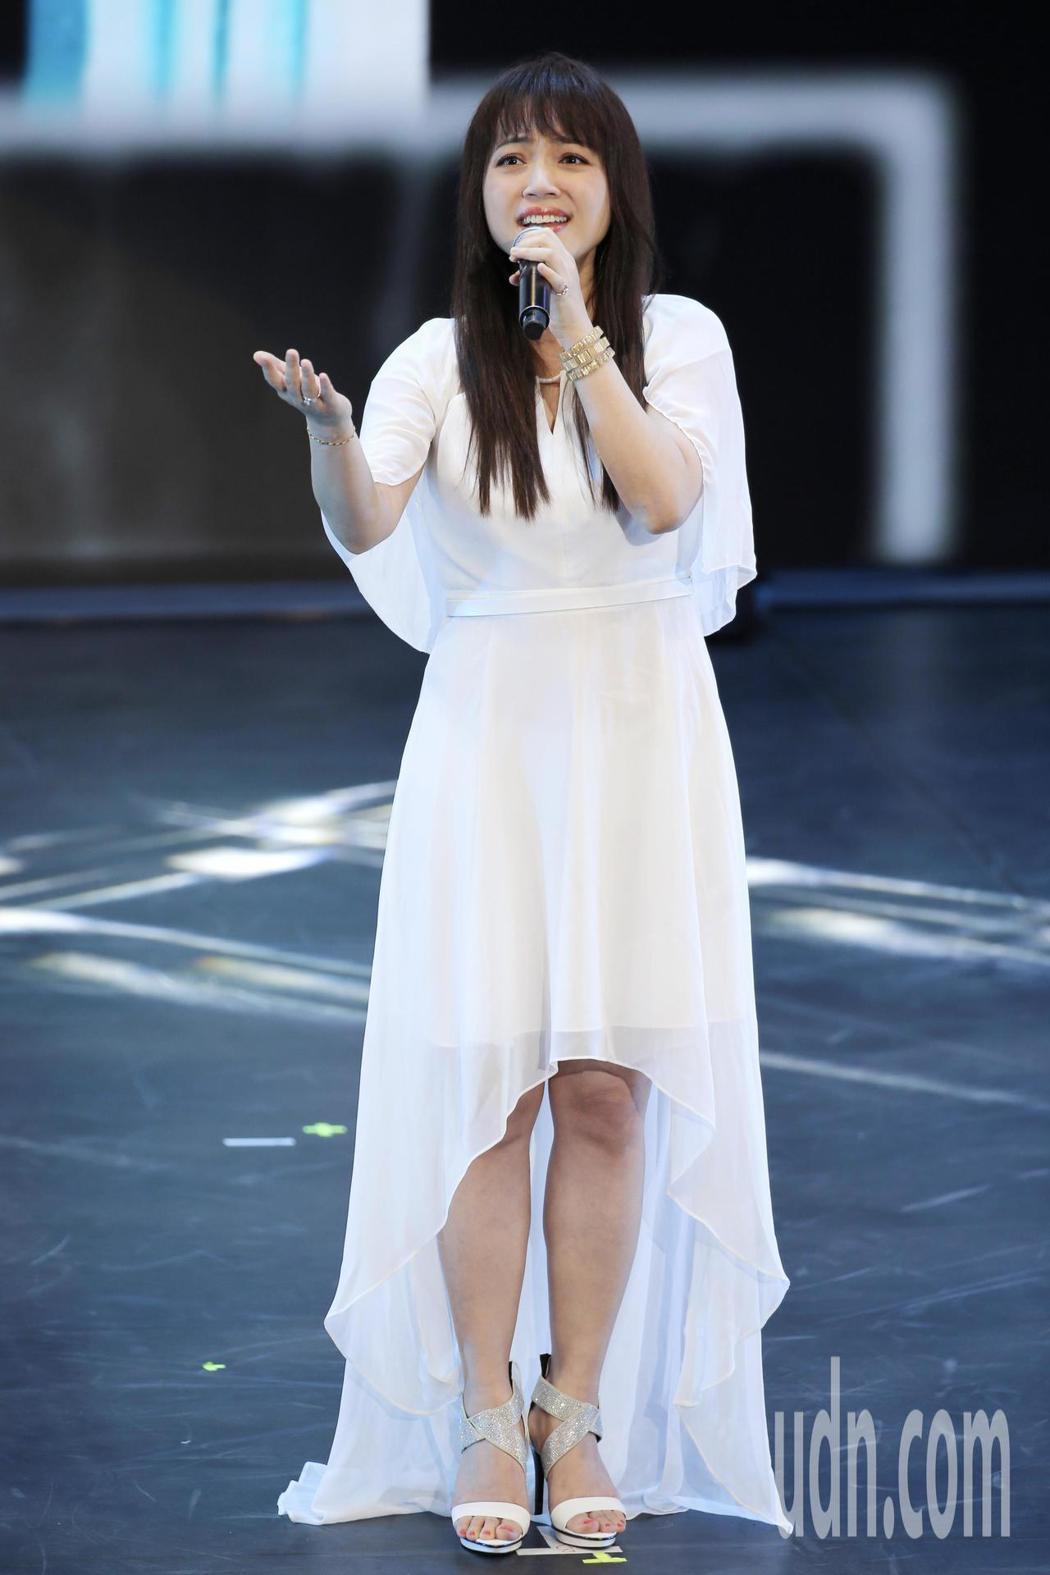 公共電視在國父紀念館舉辦「公視20 感謝有你」台慶晚會,秀蘭瑪雅演唱《後山日先照